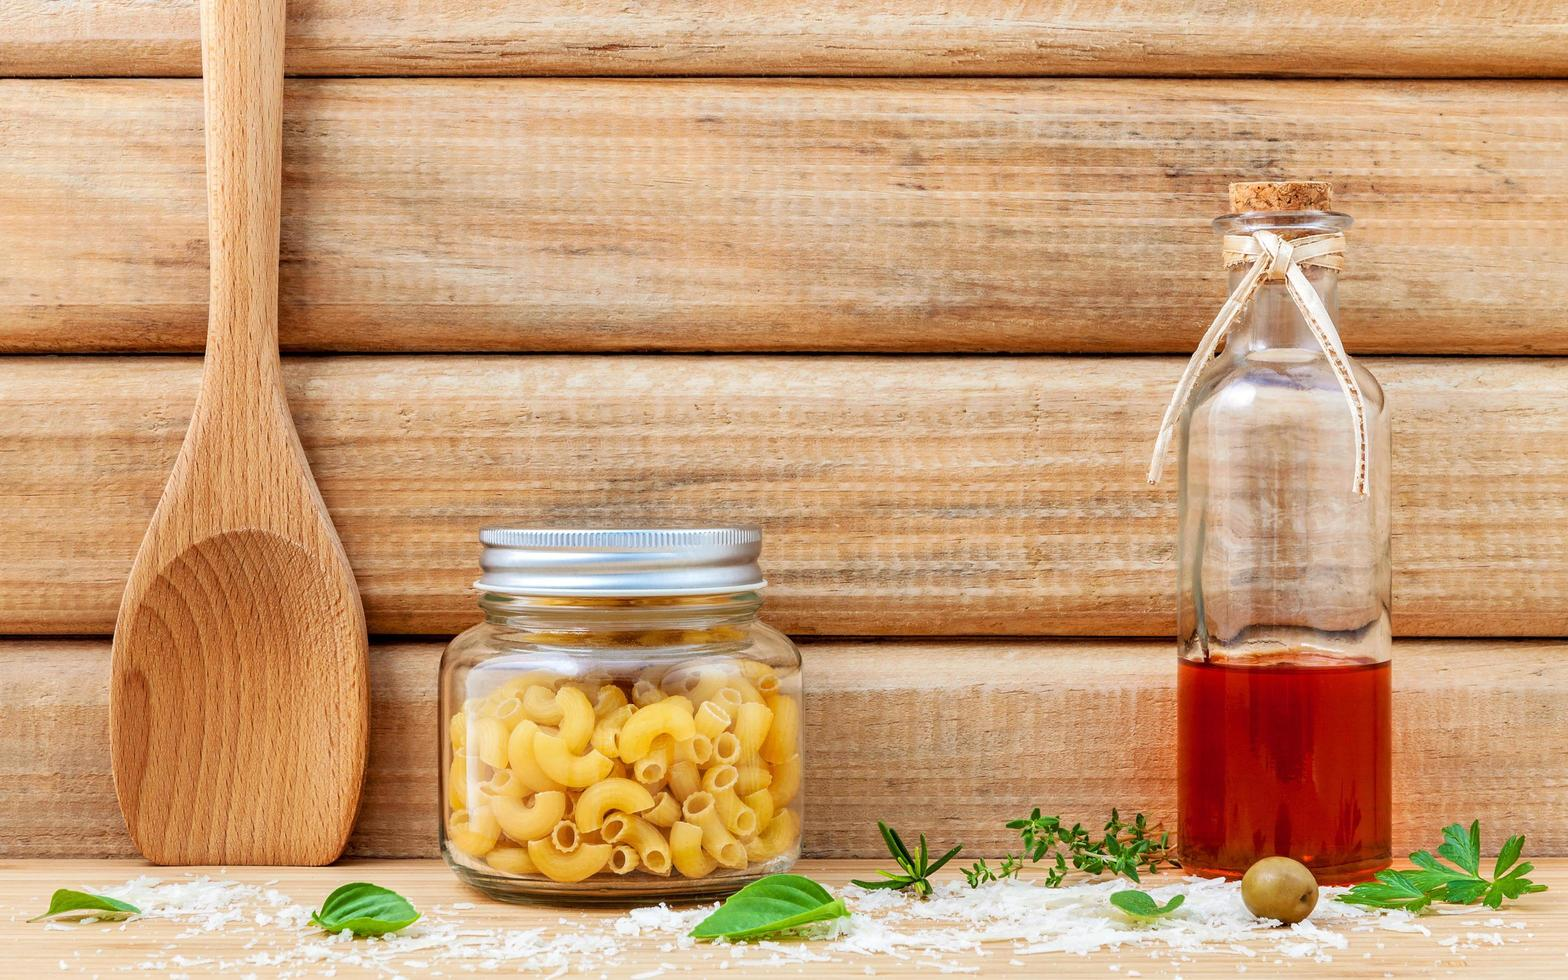 pâtes et huile photo